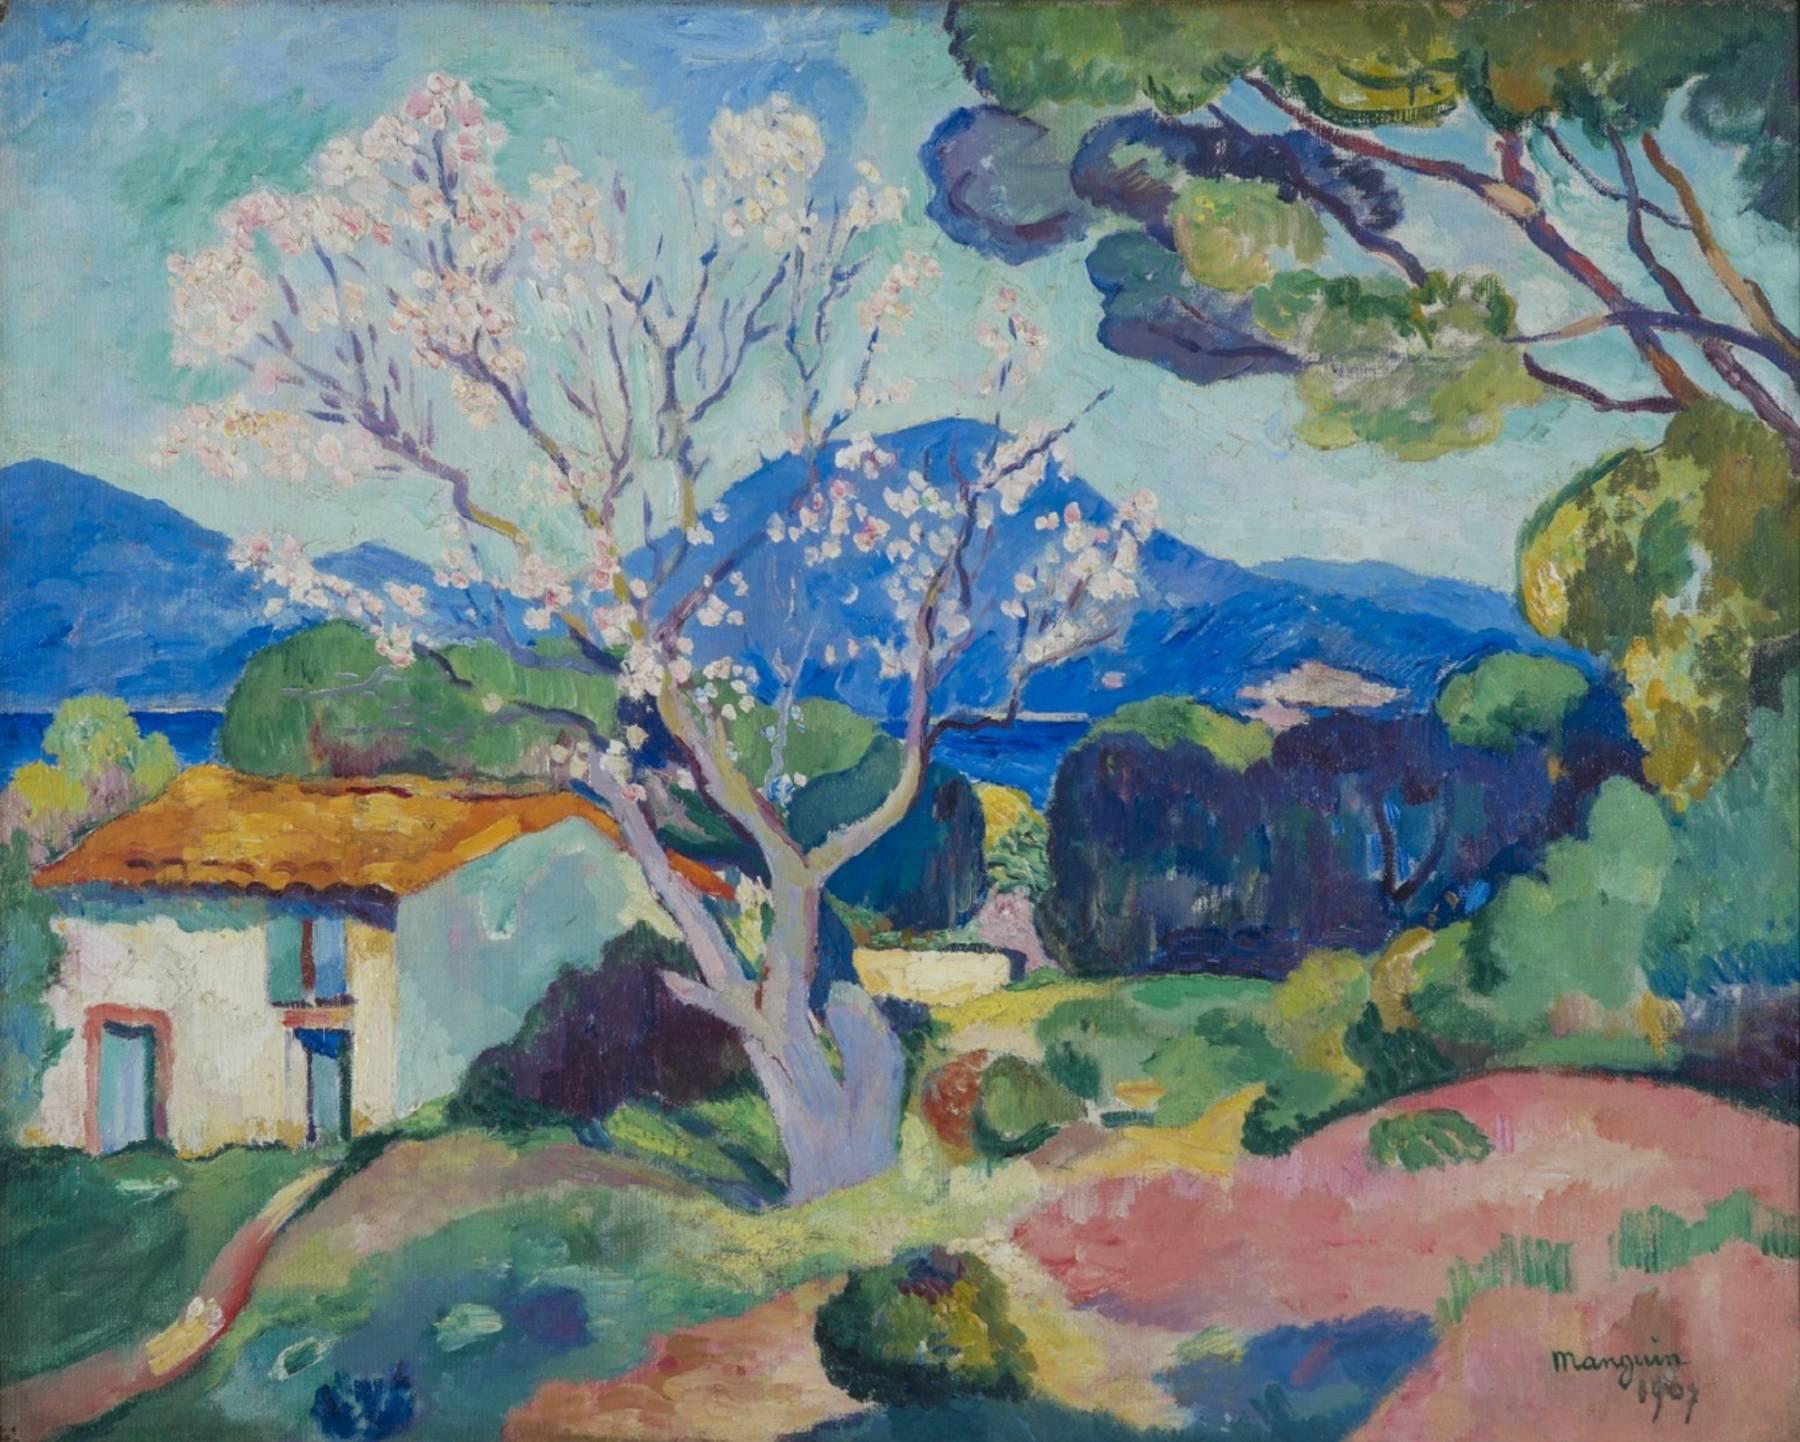 Henri Manguin, L'Amandier en fleurs